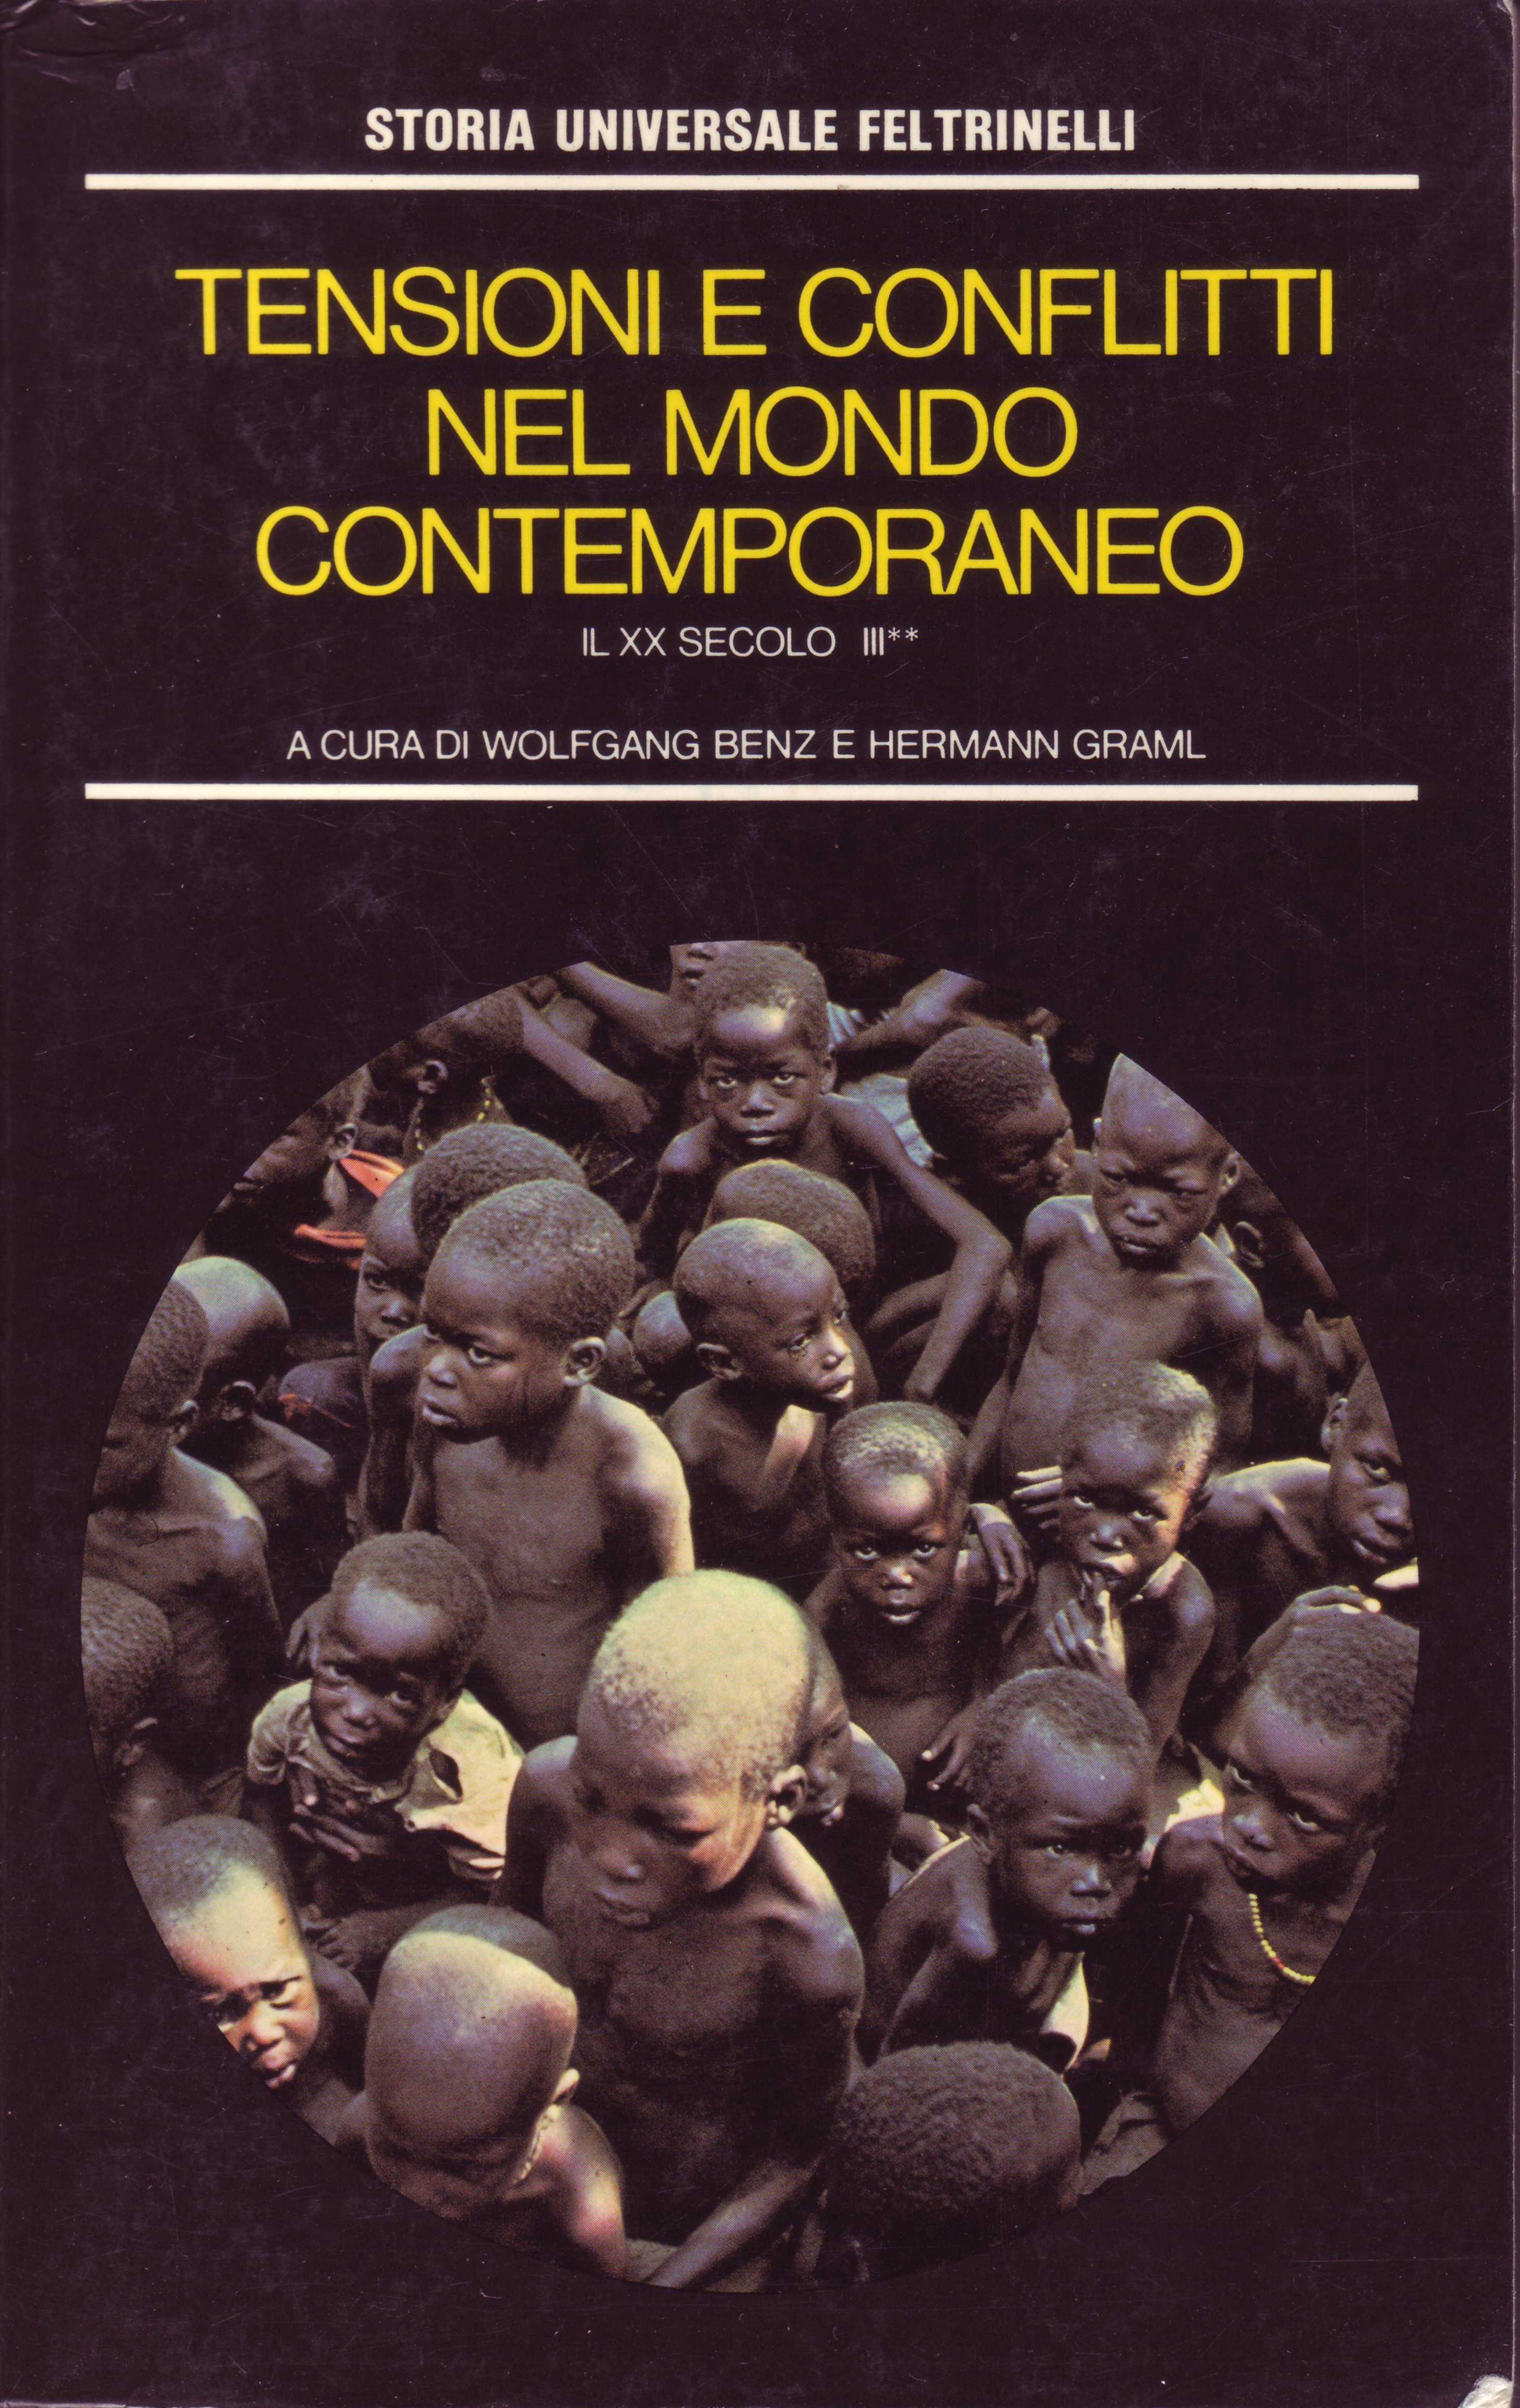 Tensioni e conflitti nel mondo contemporaneo